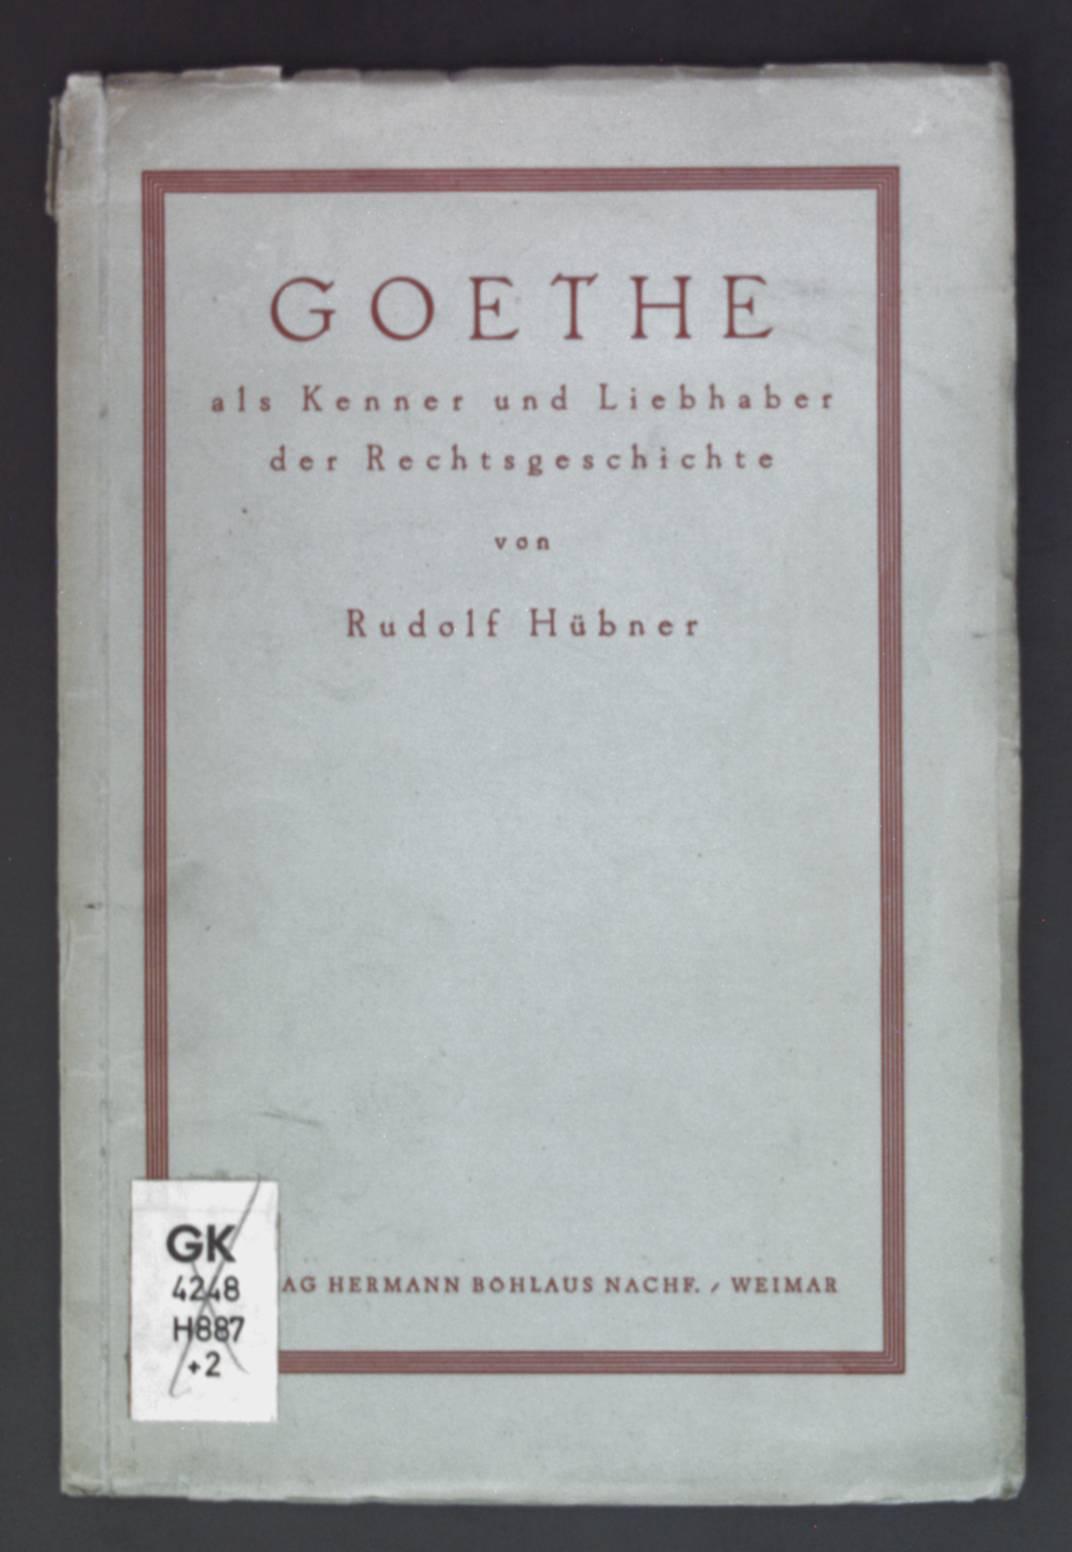 Goethe als Kenner und Liebhaber der Rechtsgeschichte.: Hübner, Rudolf: